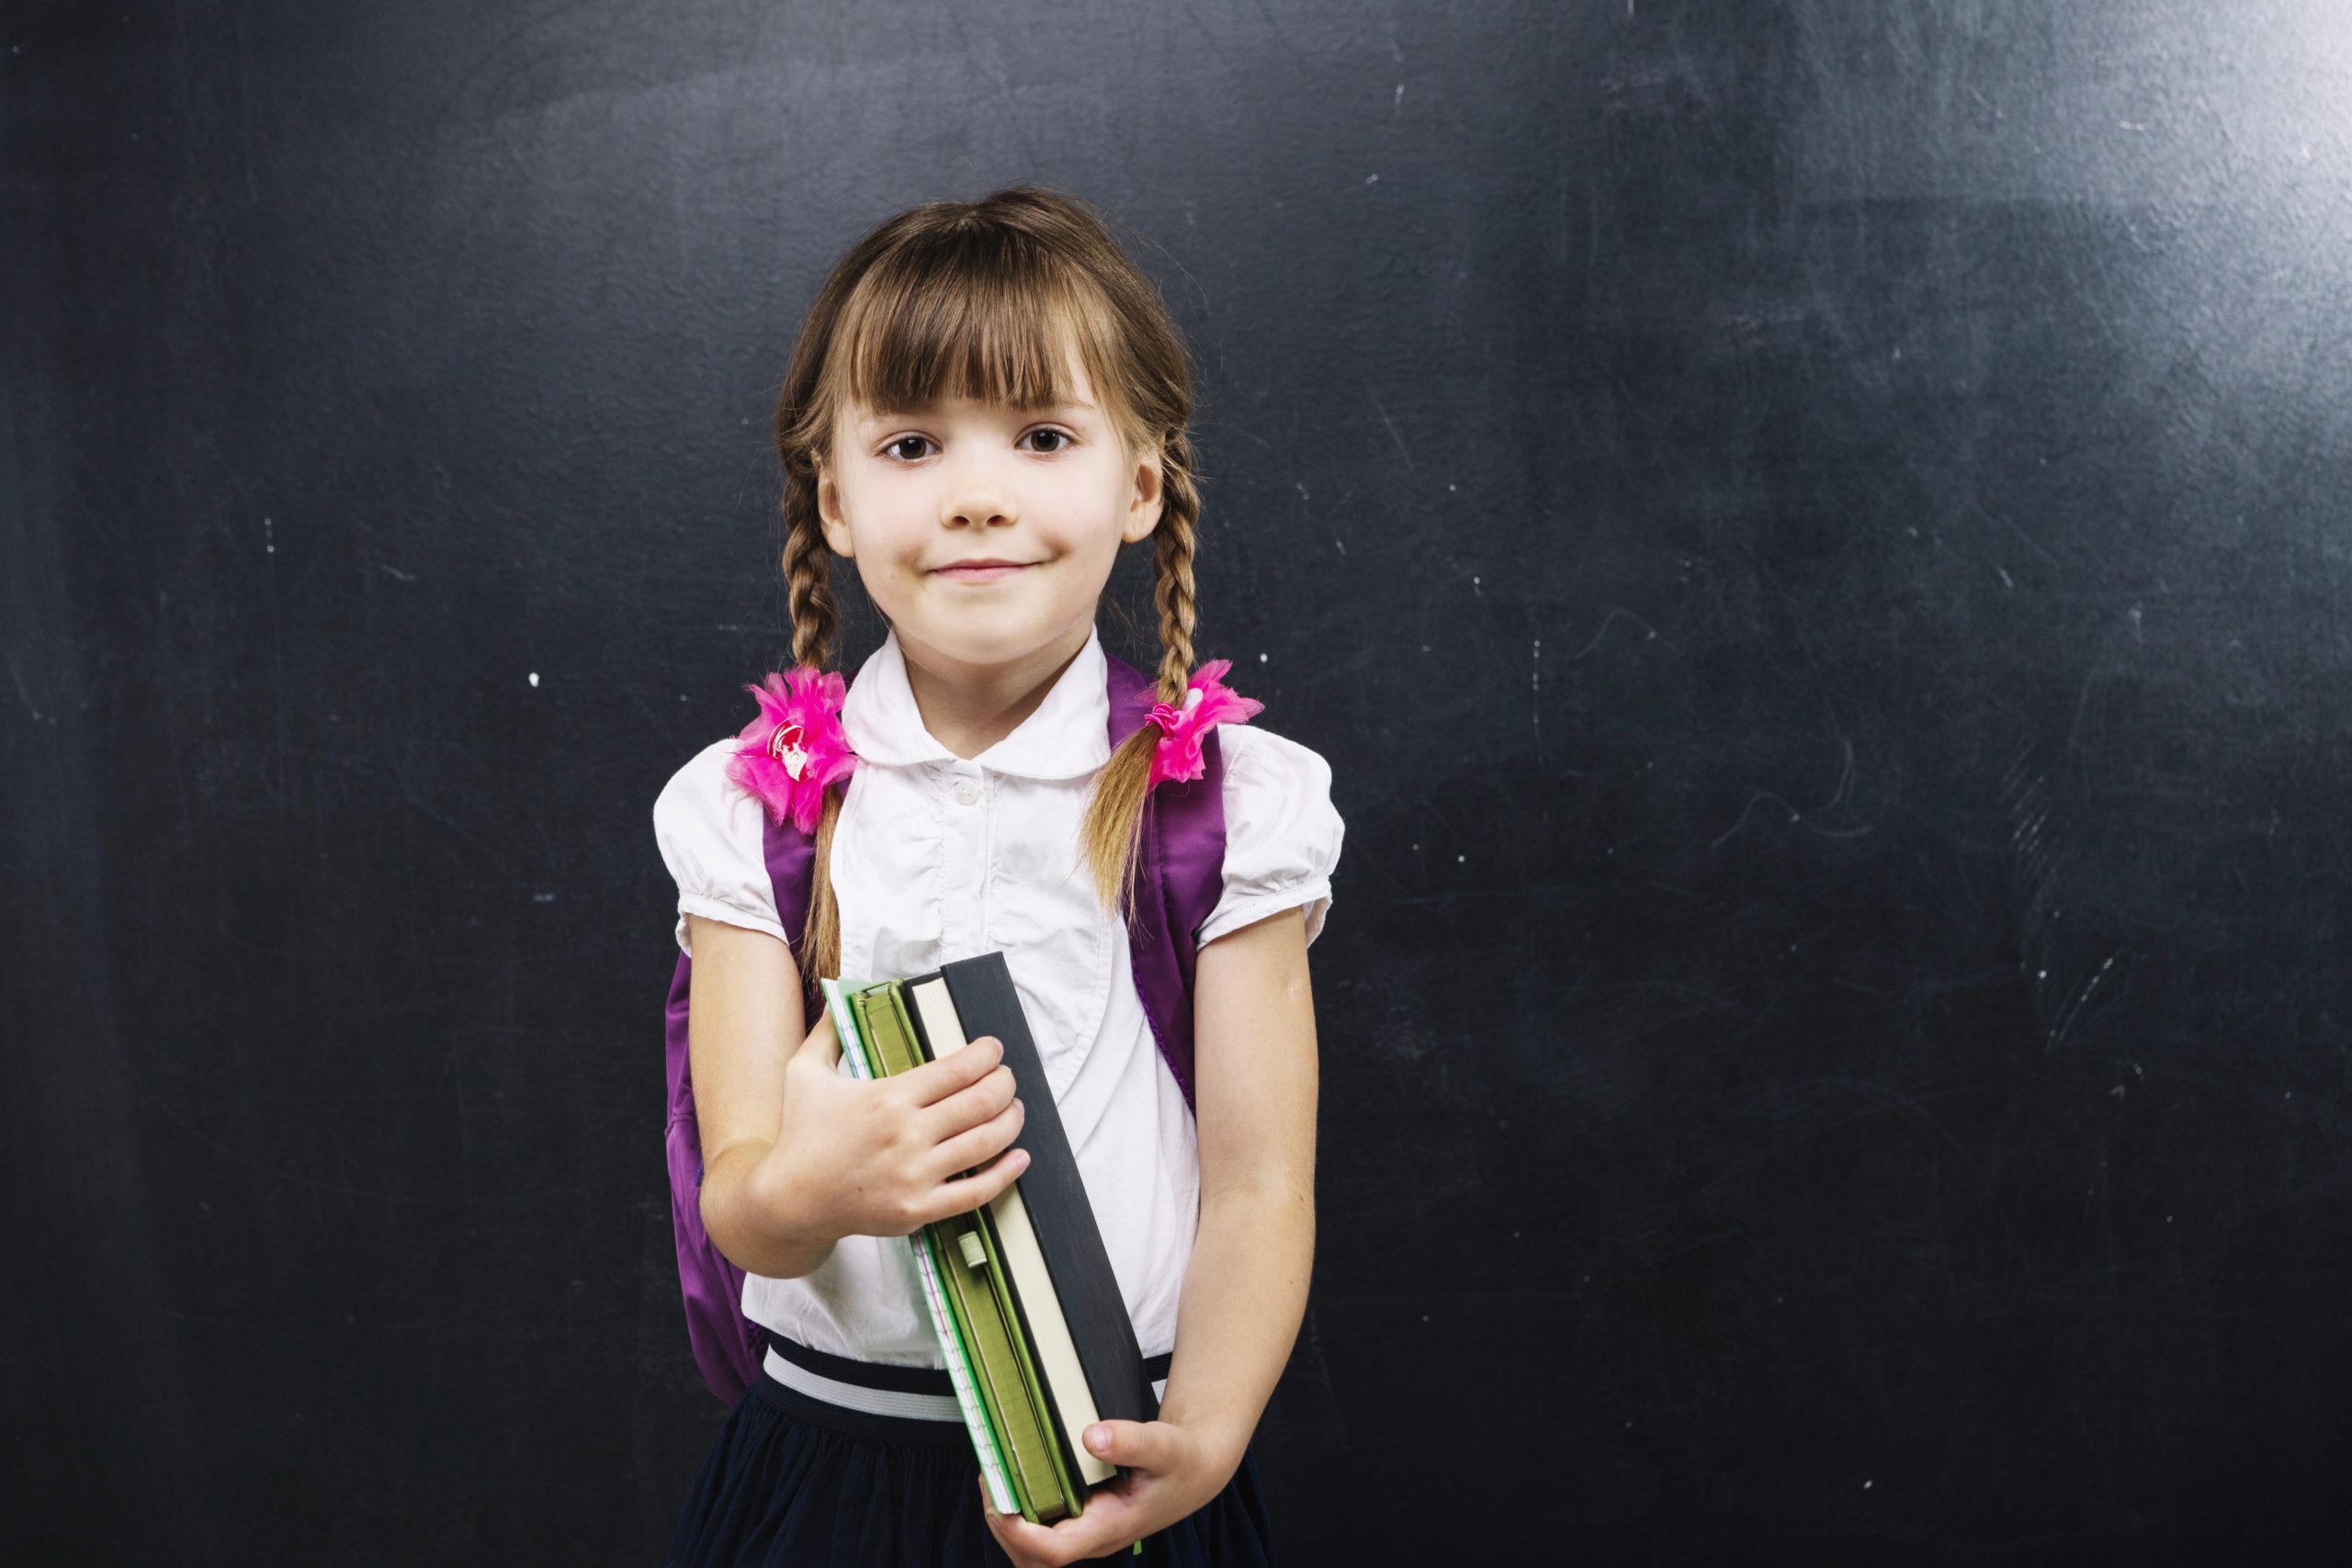 おうち英語の取り組みで出会う『教材』や『機会』は、「目的」と「発達」を活かして利用しよう!